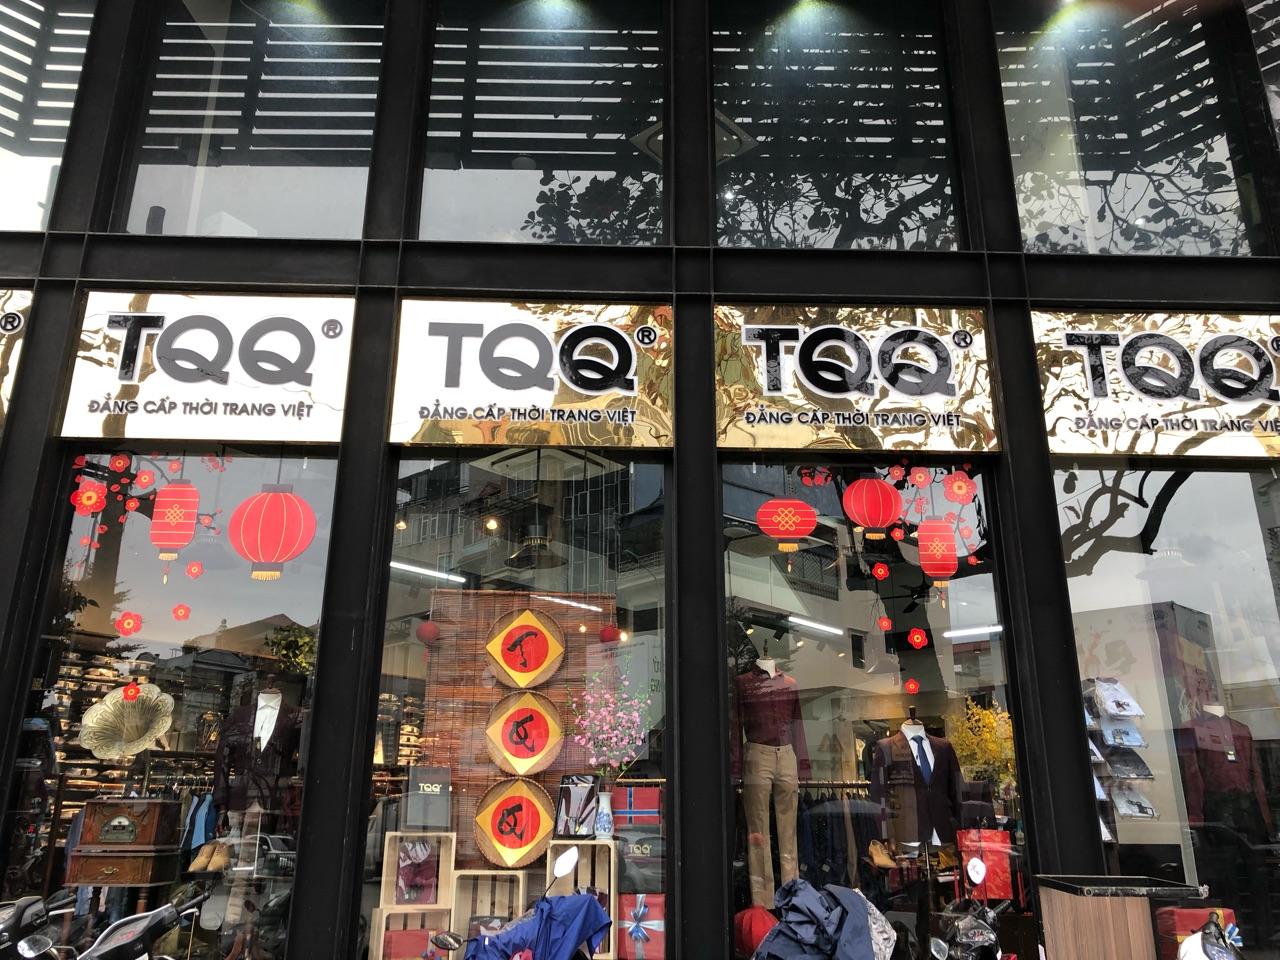 Cửa hàng TQQ - địa chỉ cung cấp áo sơ mi nam tốt nhất hiện nay